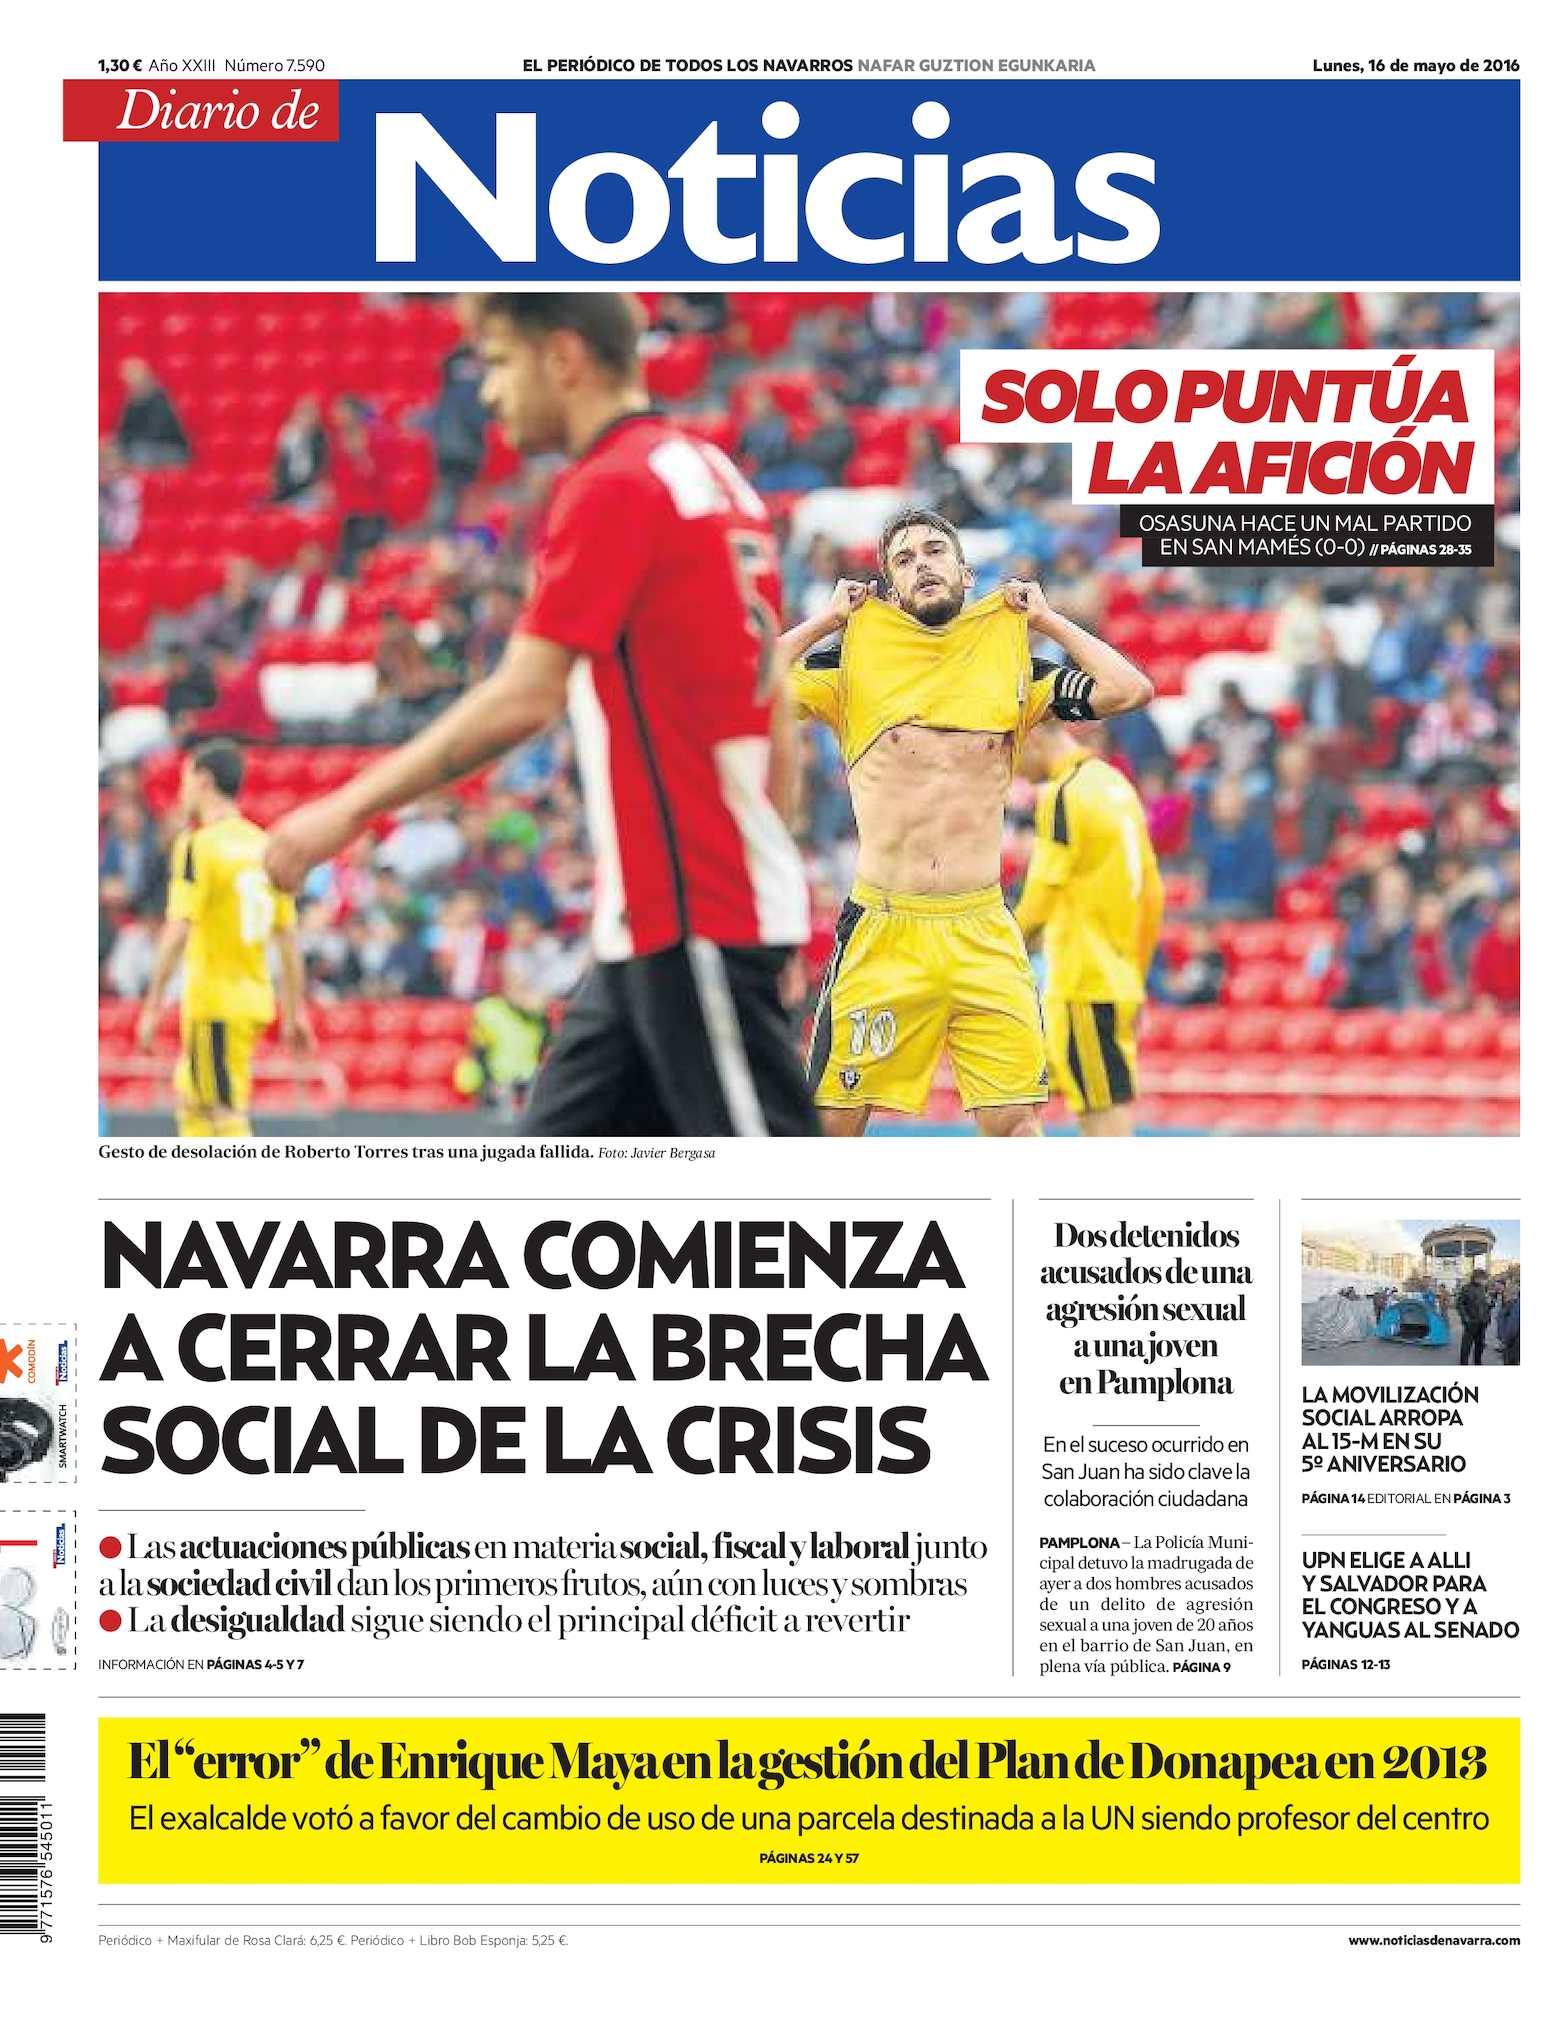 Calaméo - Diario de Noticias 20160516